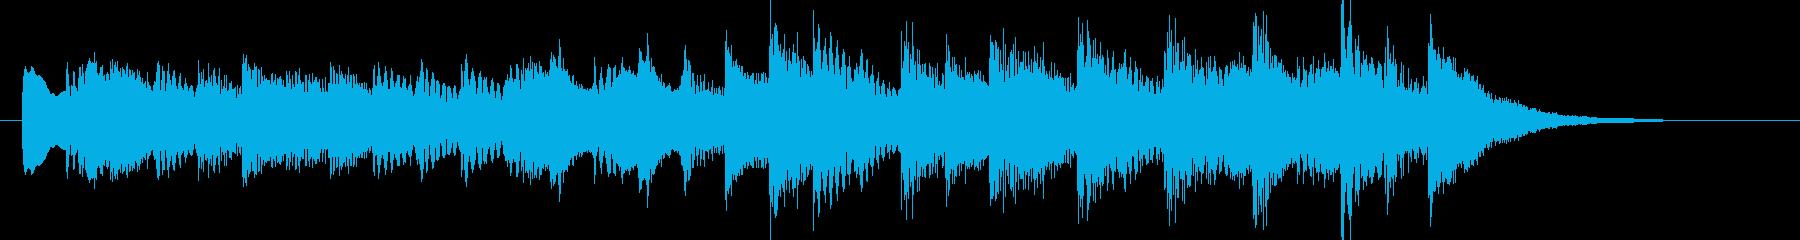 アラビア/シタール/エスニック/インドの再生済みの波形